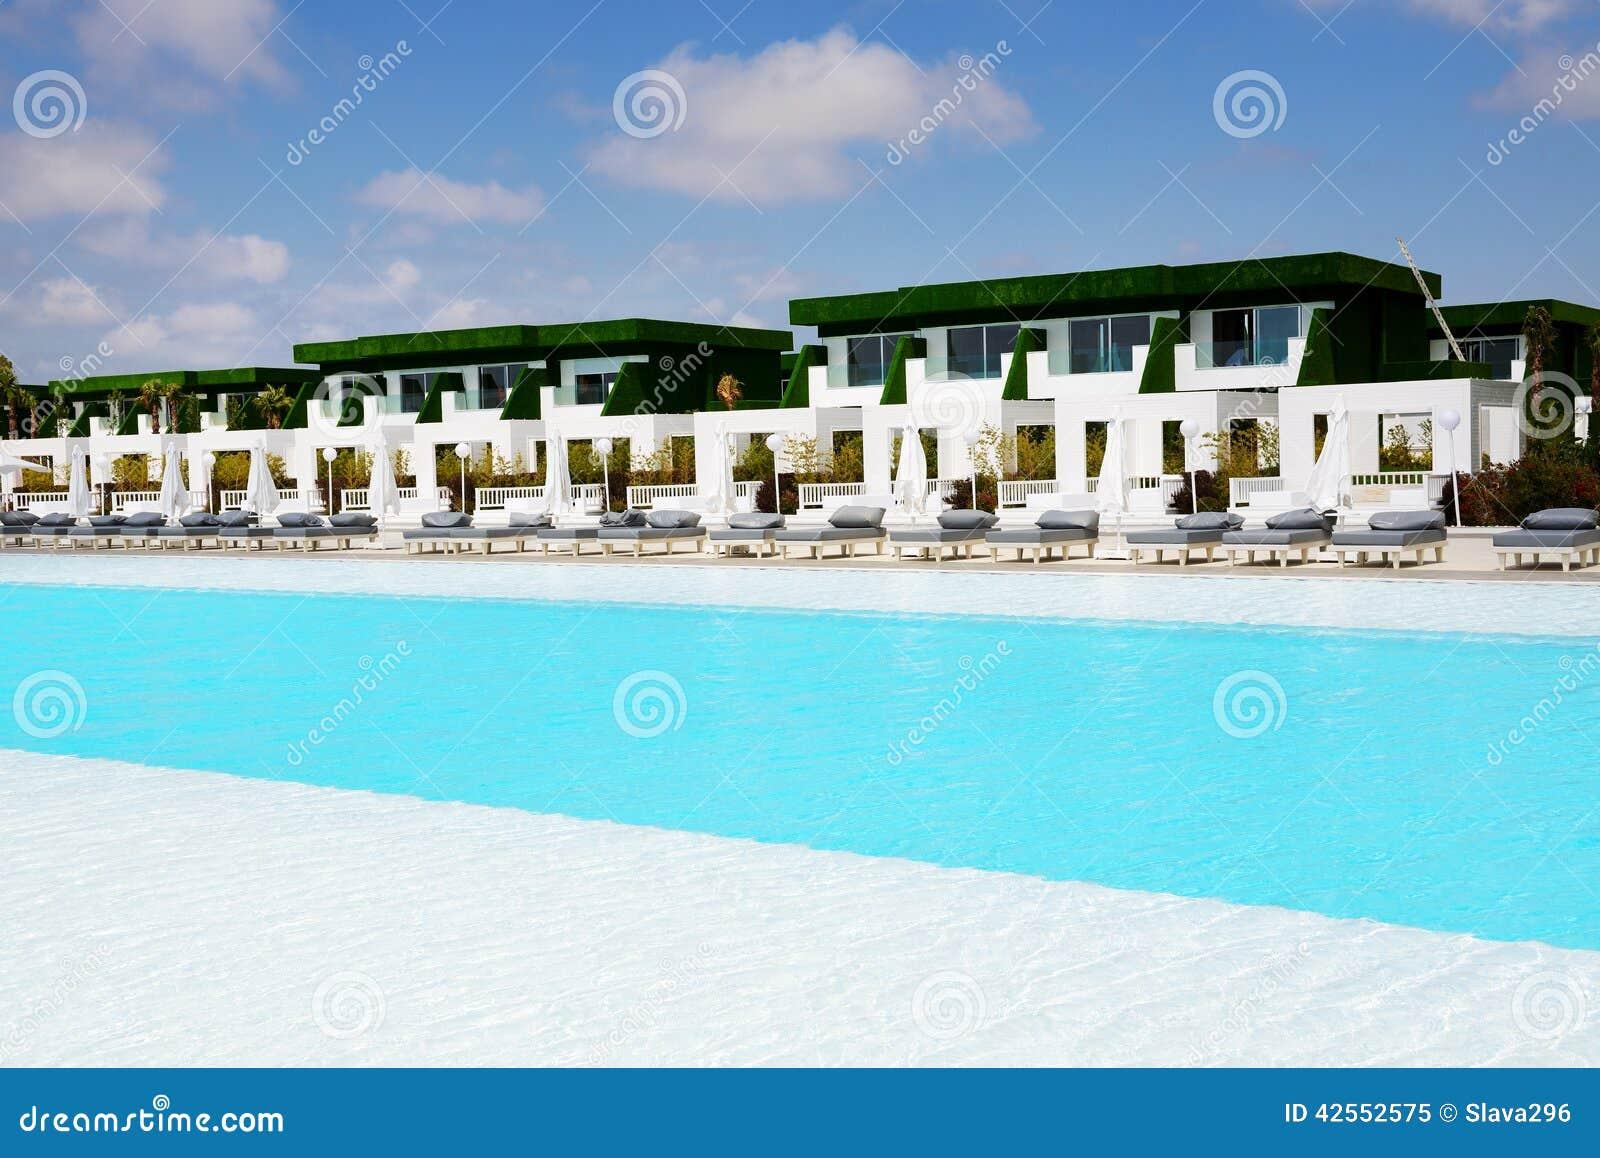 Le ville moderne si avvicinano alla piscina all 39 albergo di for Ville lusso moderne